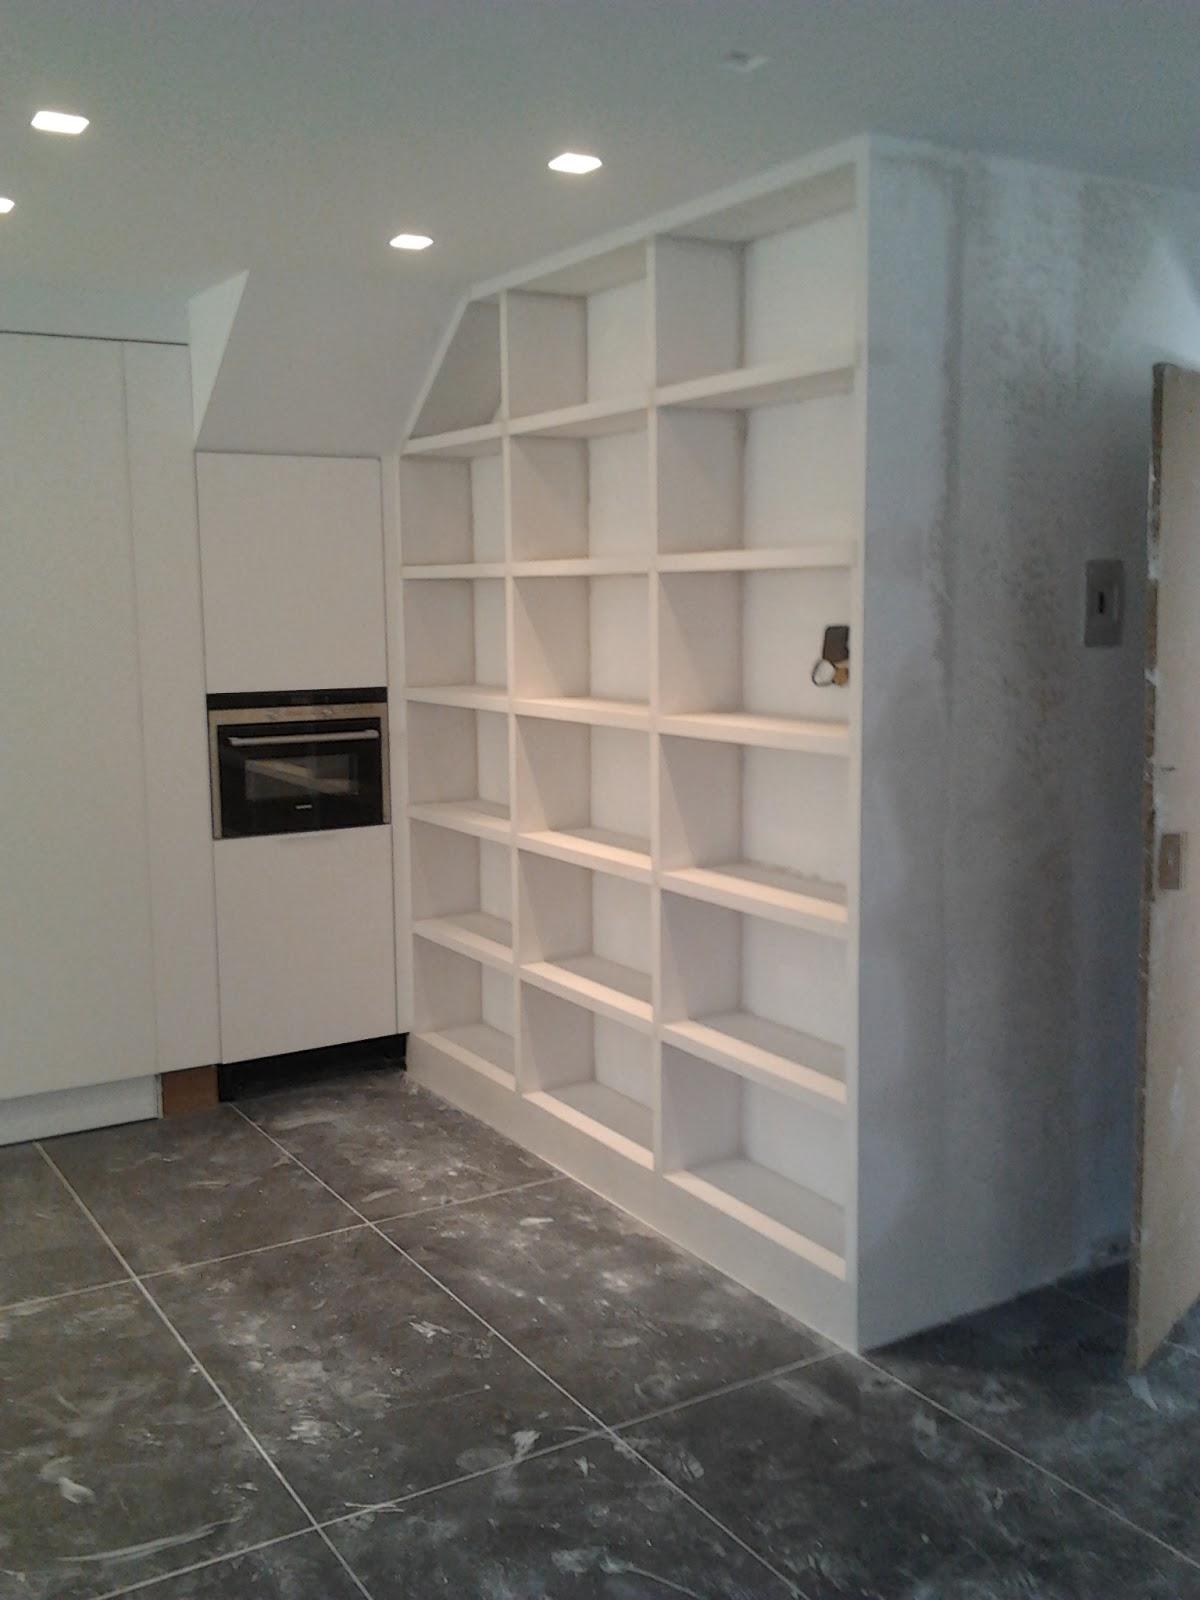 muebles a medida y personalizados de escayola - Muebles De Escayola